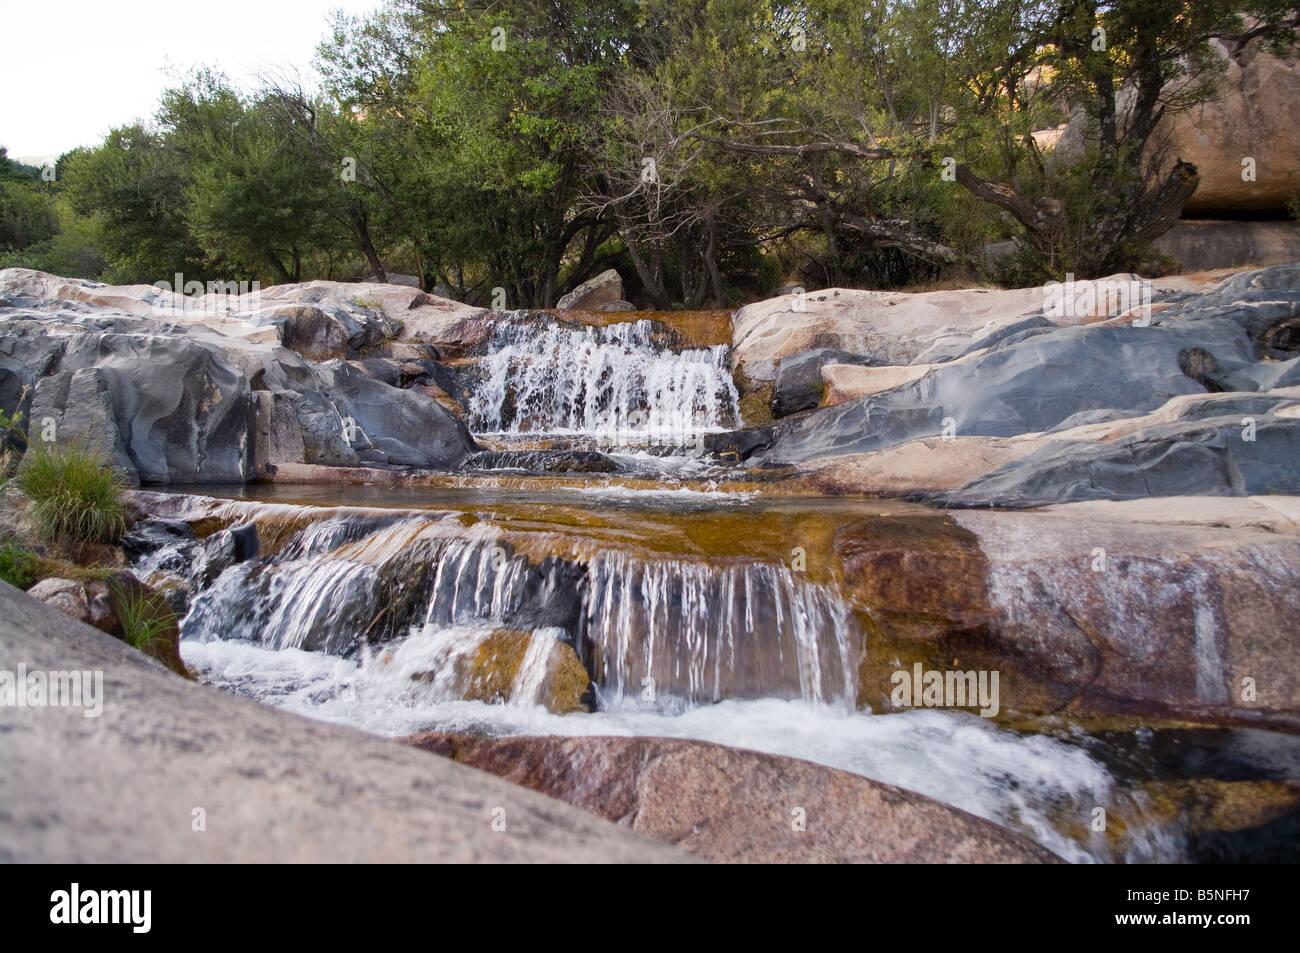 Cascadas en el Manzanares, cascada, el río Manzanares del Real, Madrid, España, UE Imagen De Stock